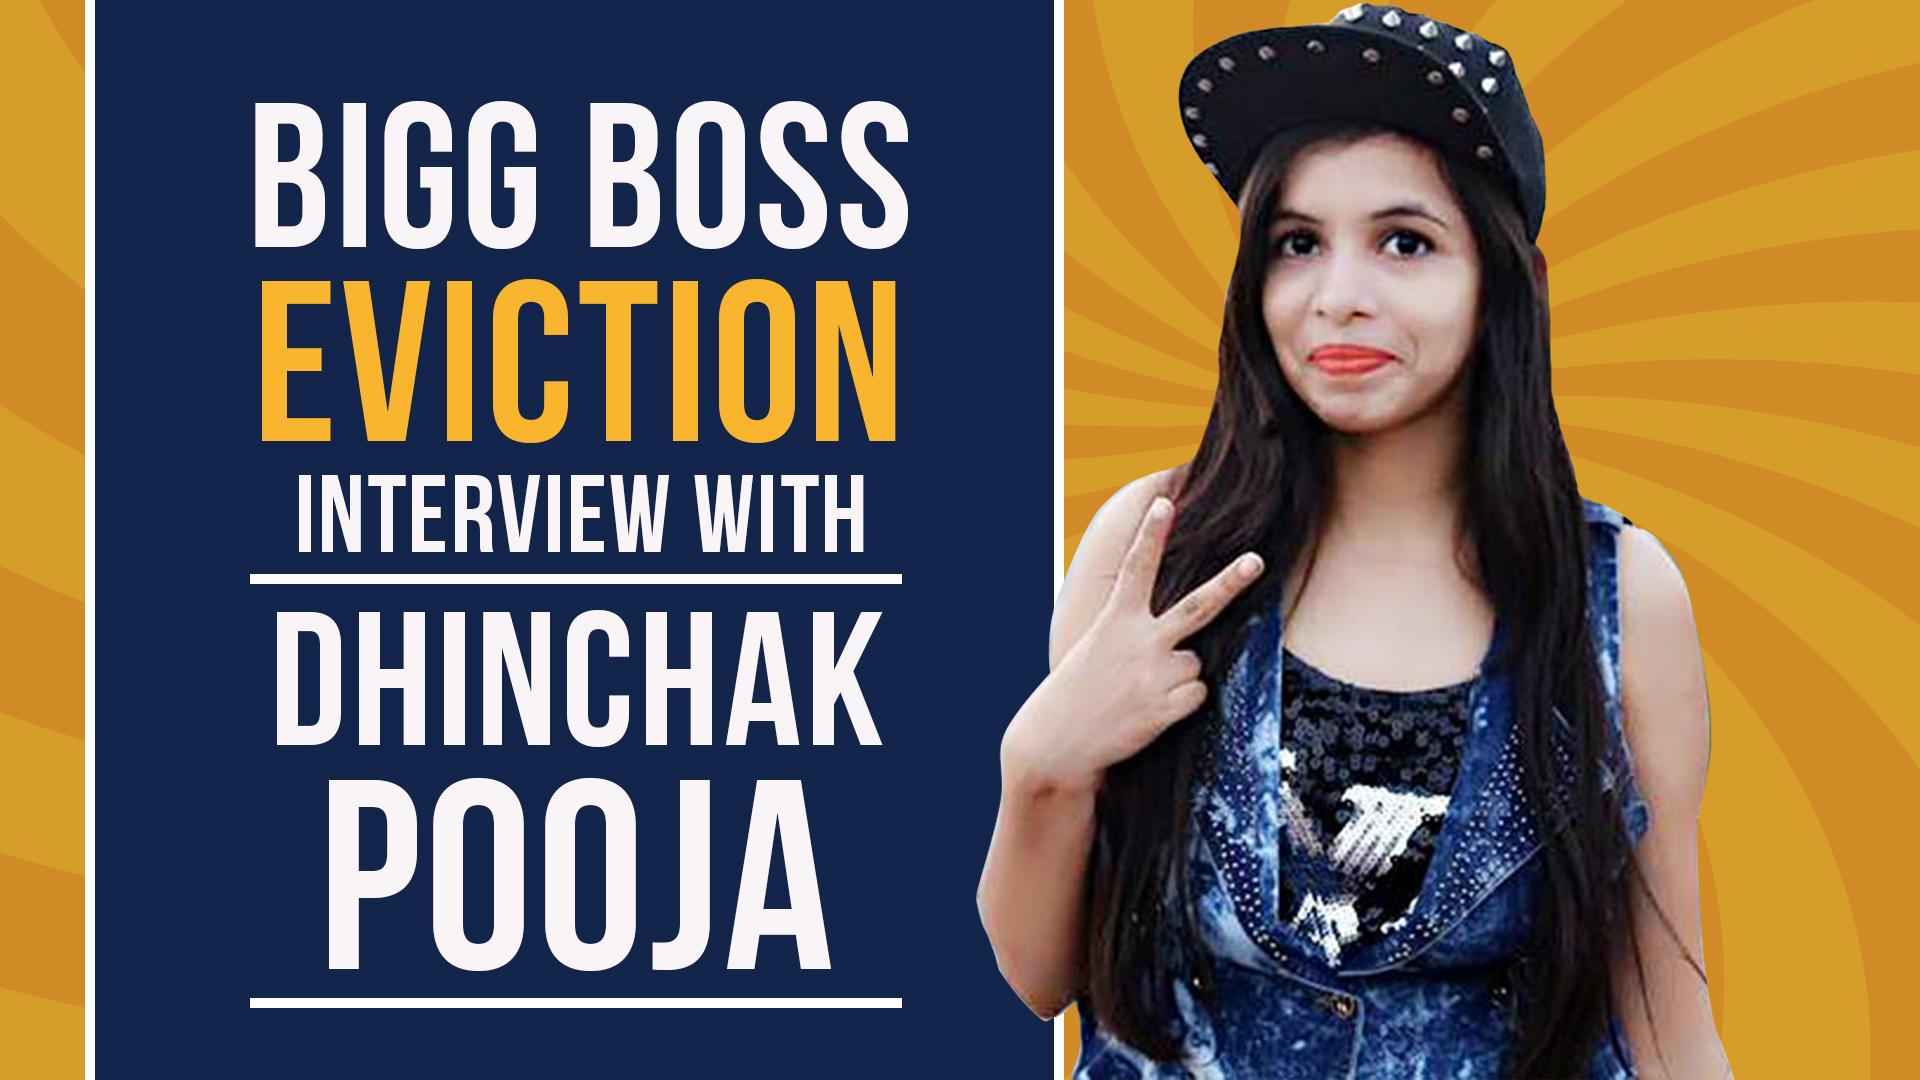 WATCH: बिग बॉस के घर से बाहर आकर हिना खान पर भड़की ढिनचैक पूजा, कहा आकाश करने लगे हैं उनकी कॉपी